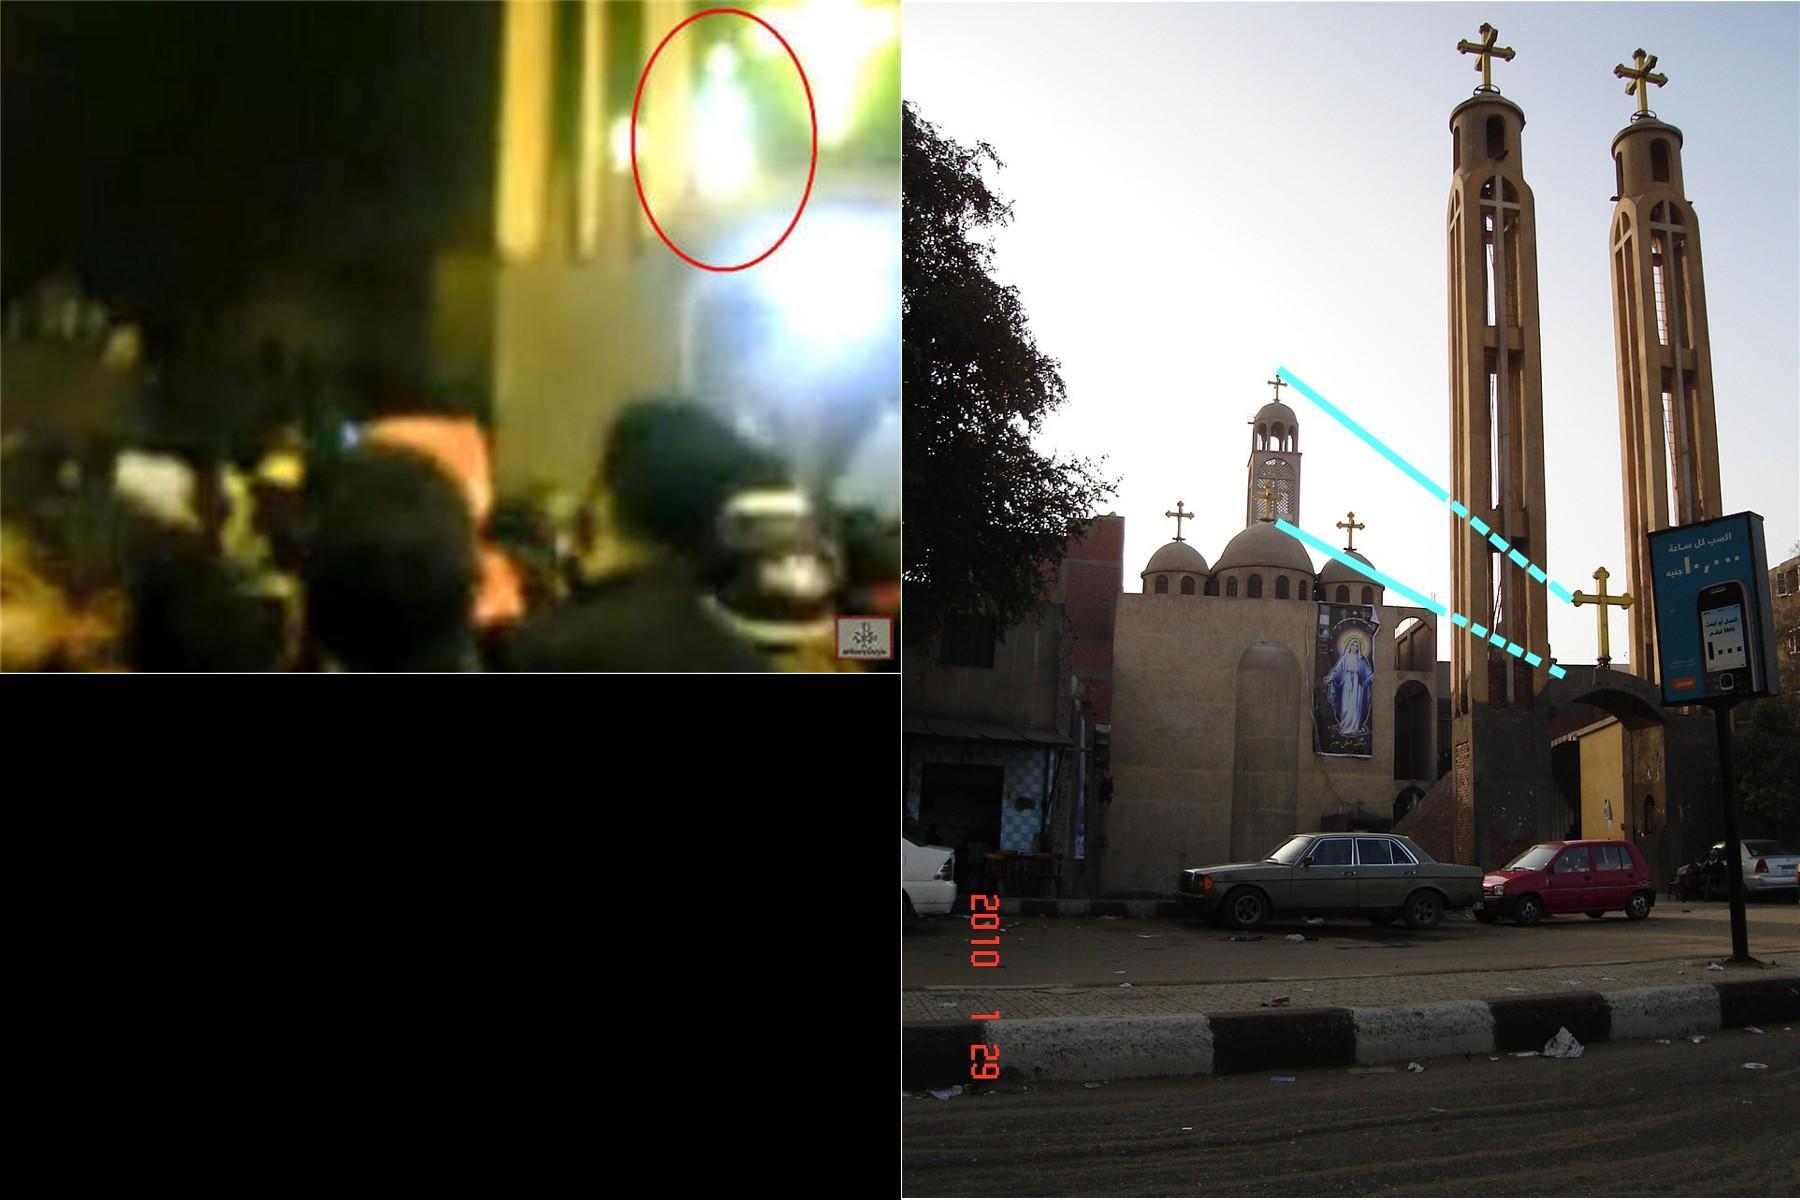 Apariciones en Omrania Gharbia en Giza, Miles las vieron, Egipto (12 jul)